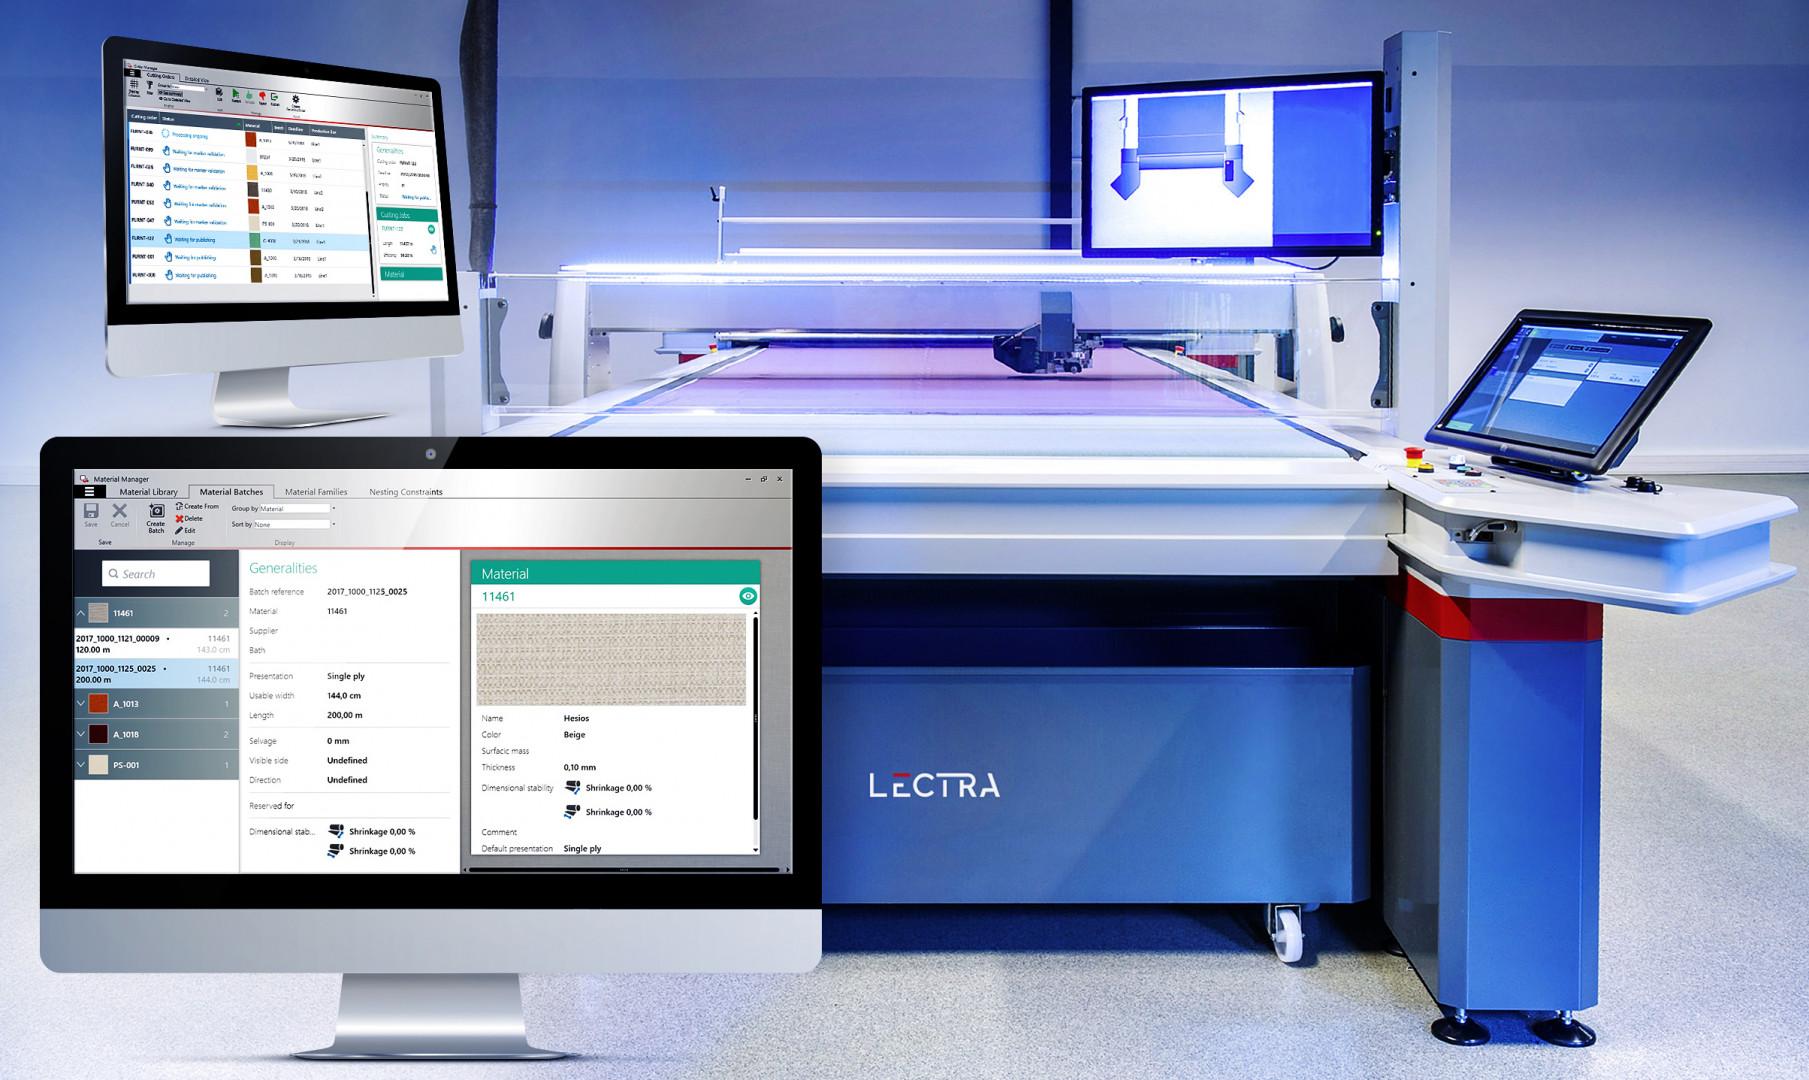 Najnowsze rozwiązanie do cięcia tkanin firmy Lectra